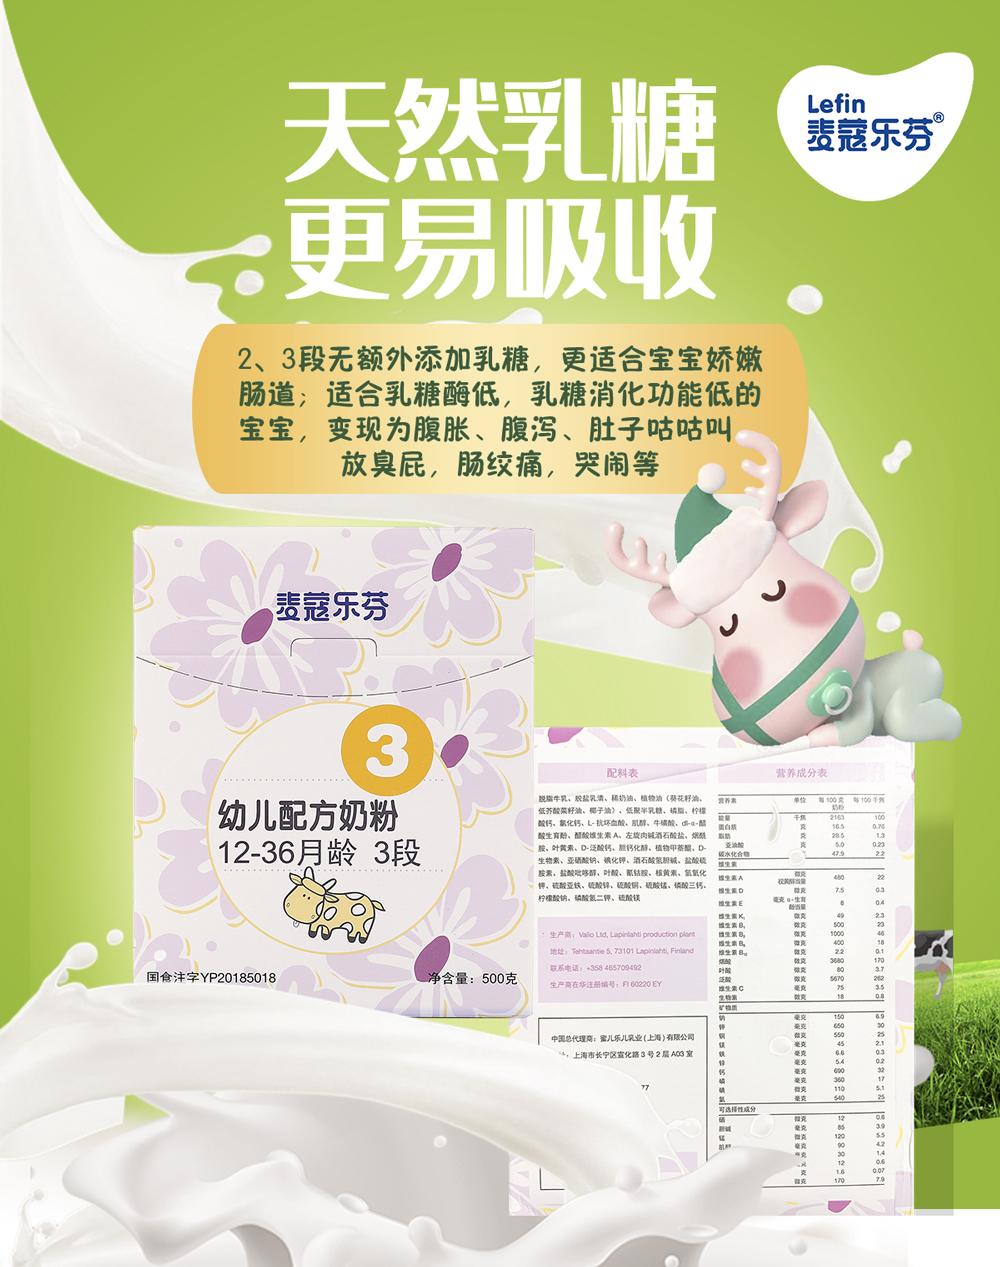 麦蔻乐芬婴儿奶粉:为什么有的宝宝吸收比较差?